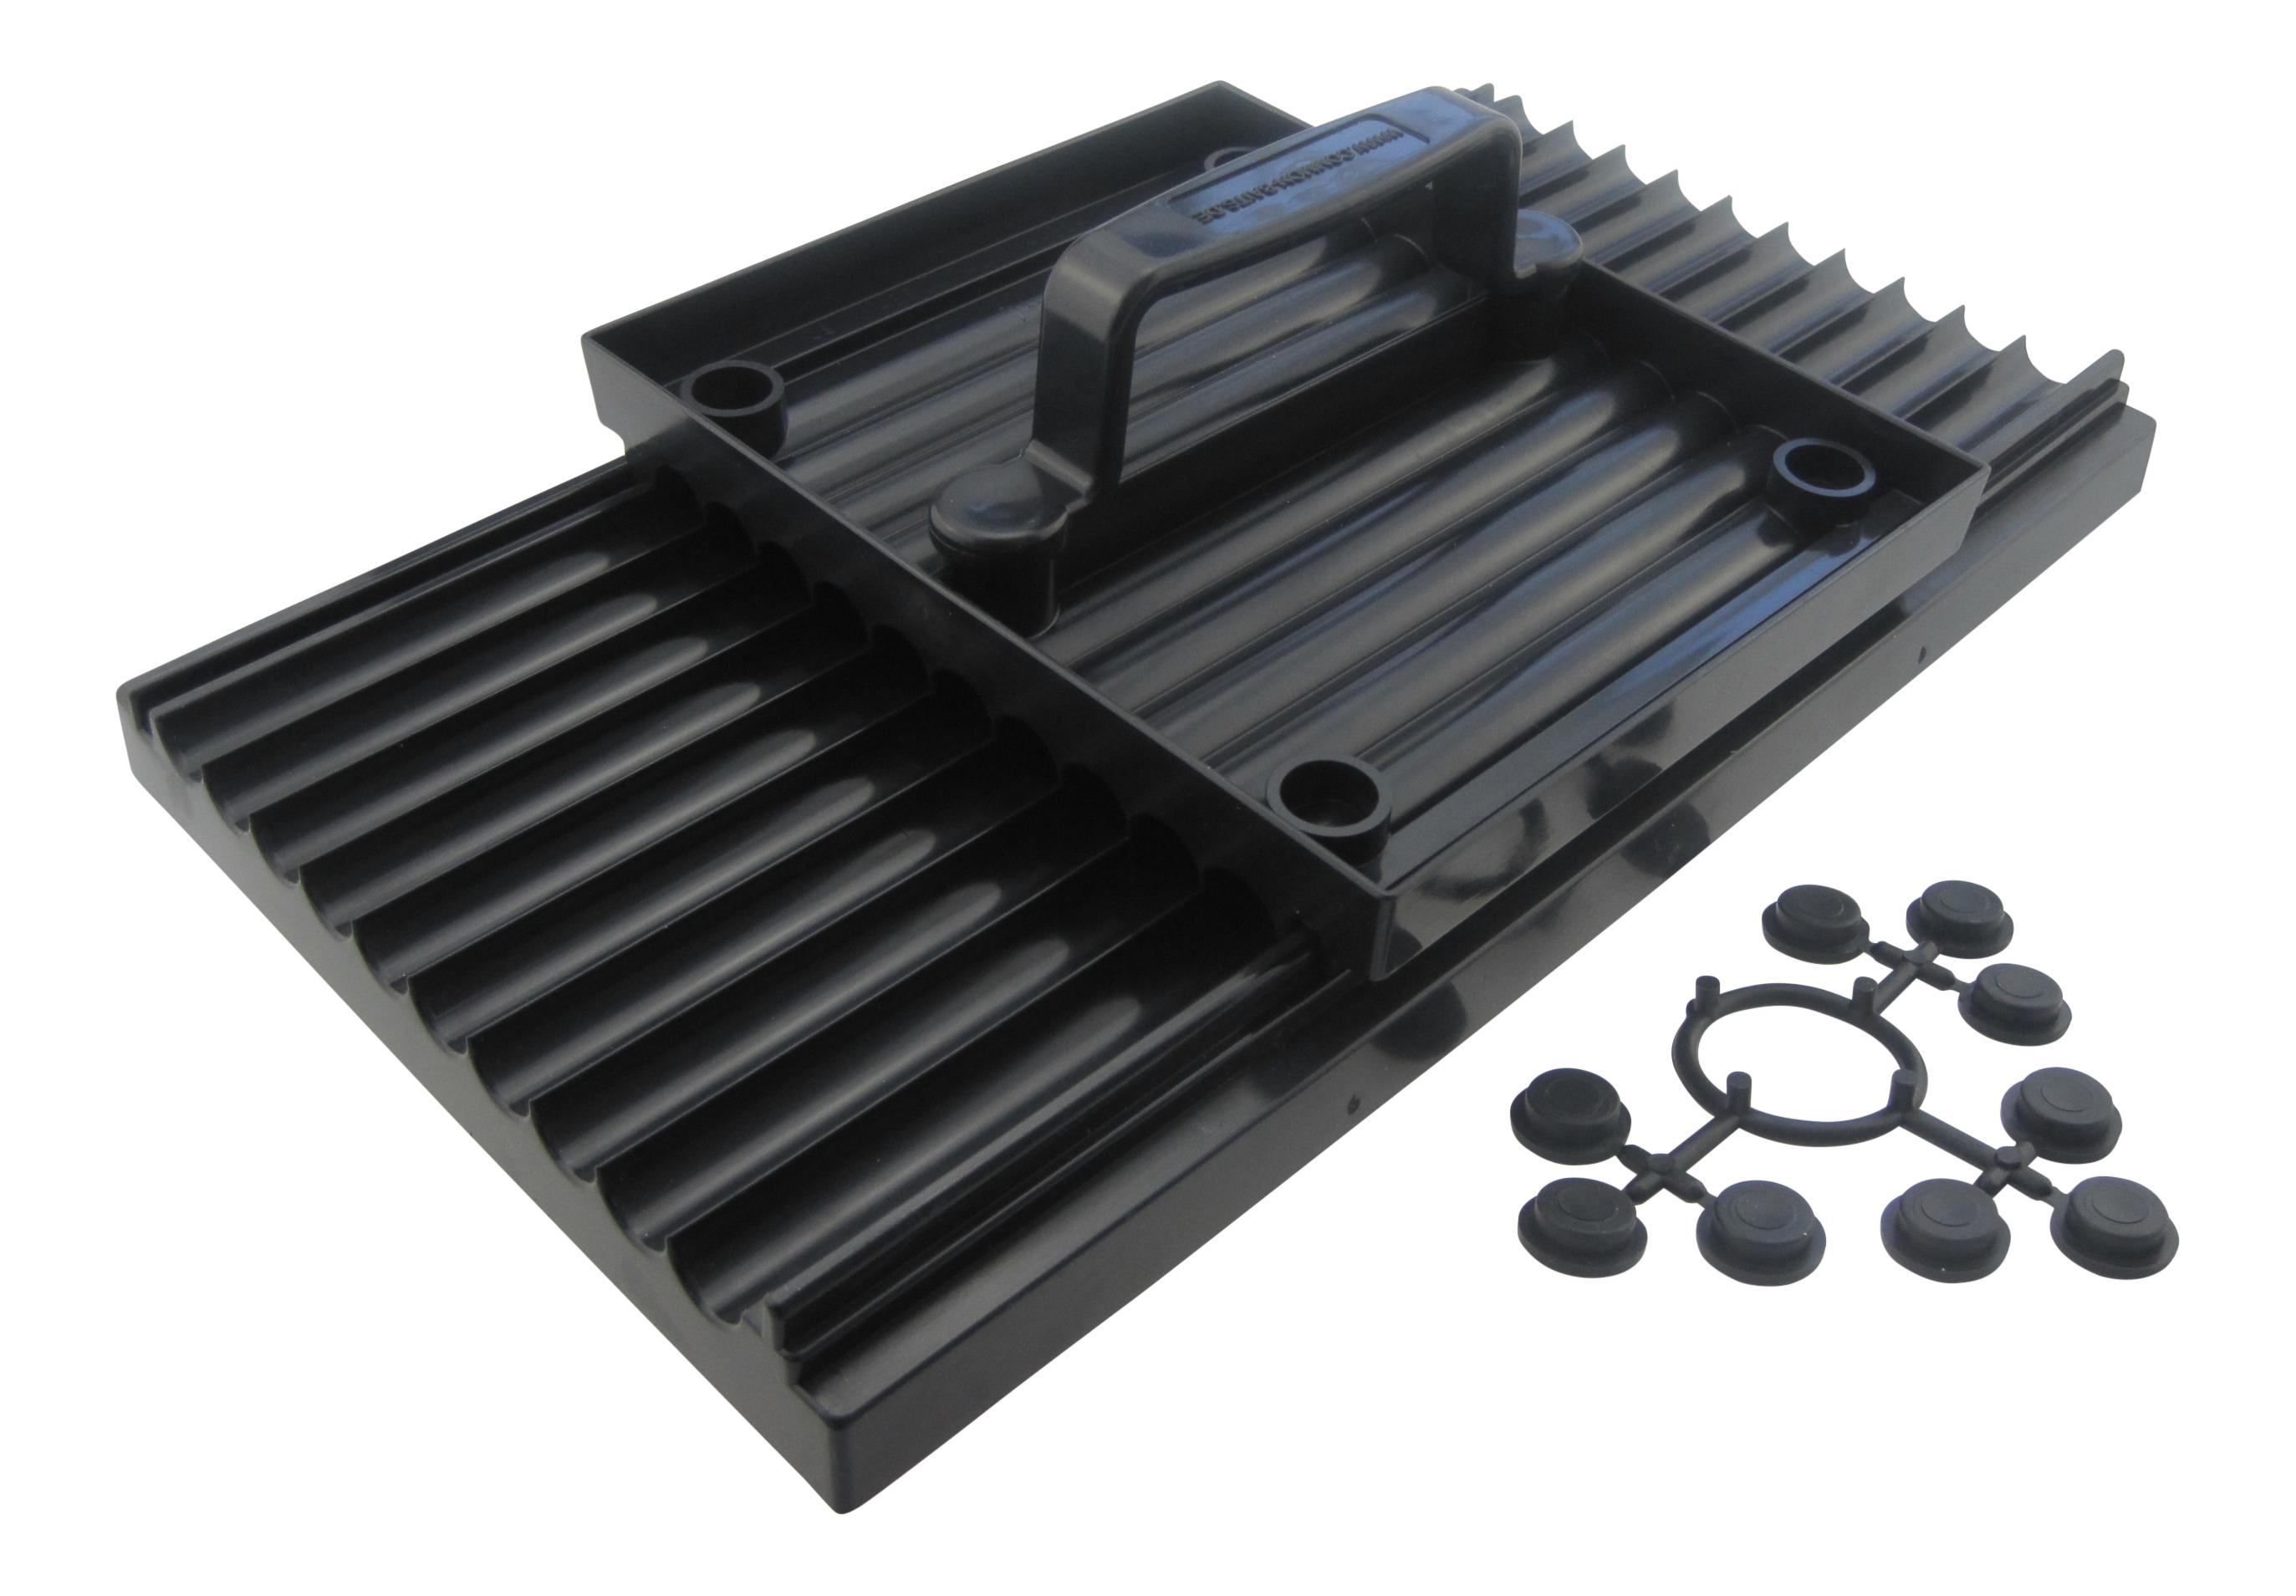 boilieroller long john 14mm 16mm 18mm 21mm 24mm ebay. Black Bedroom Furniture Sets. Home Design Ideas